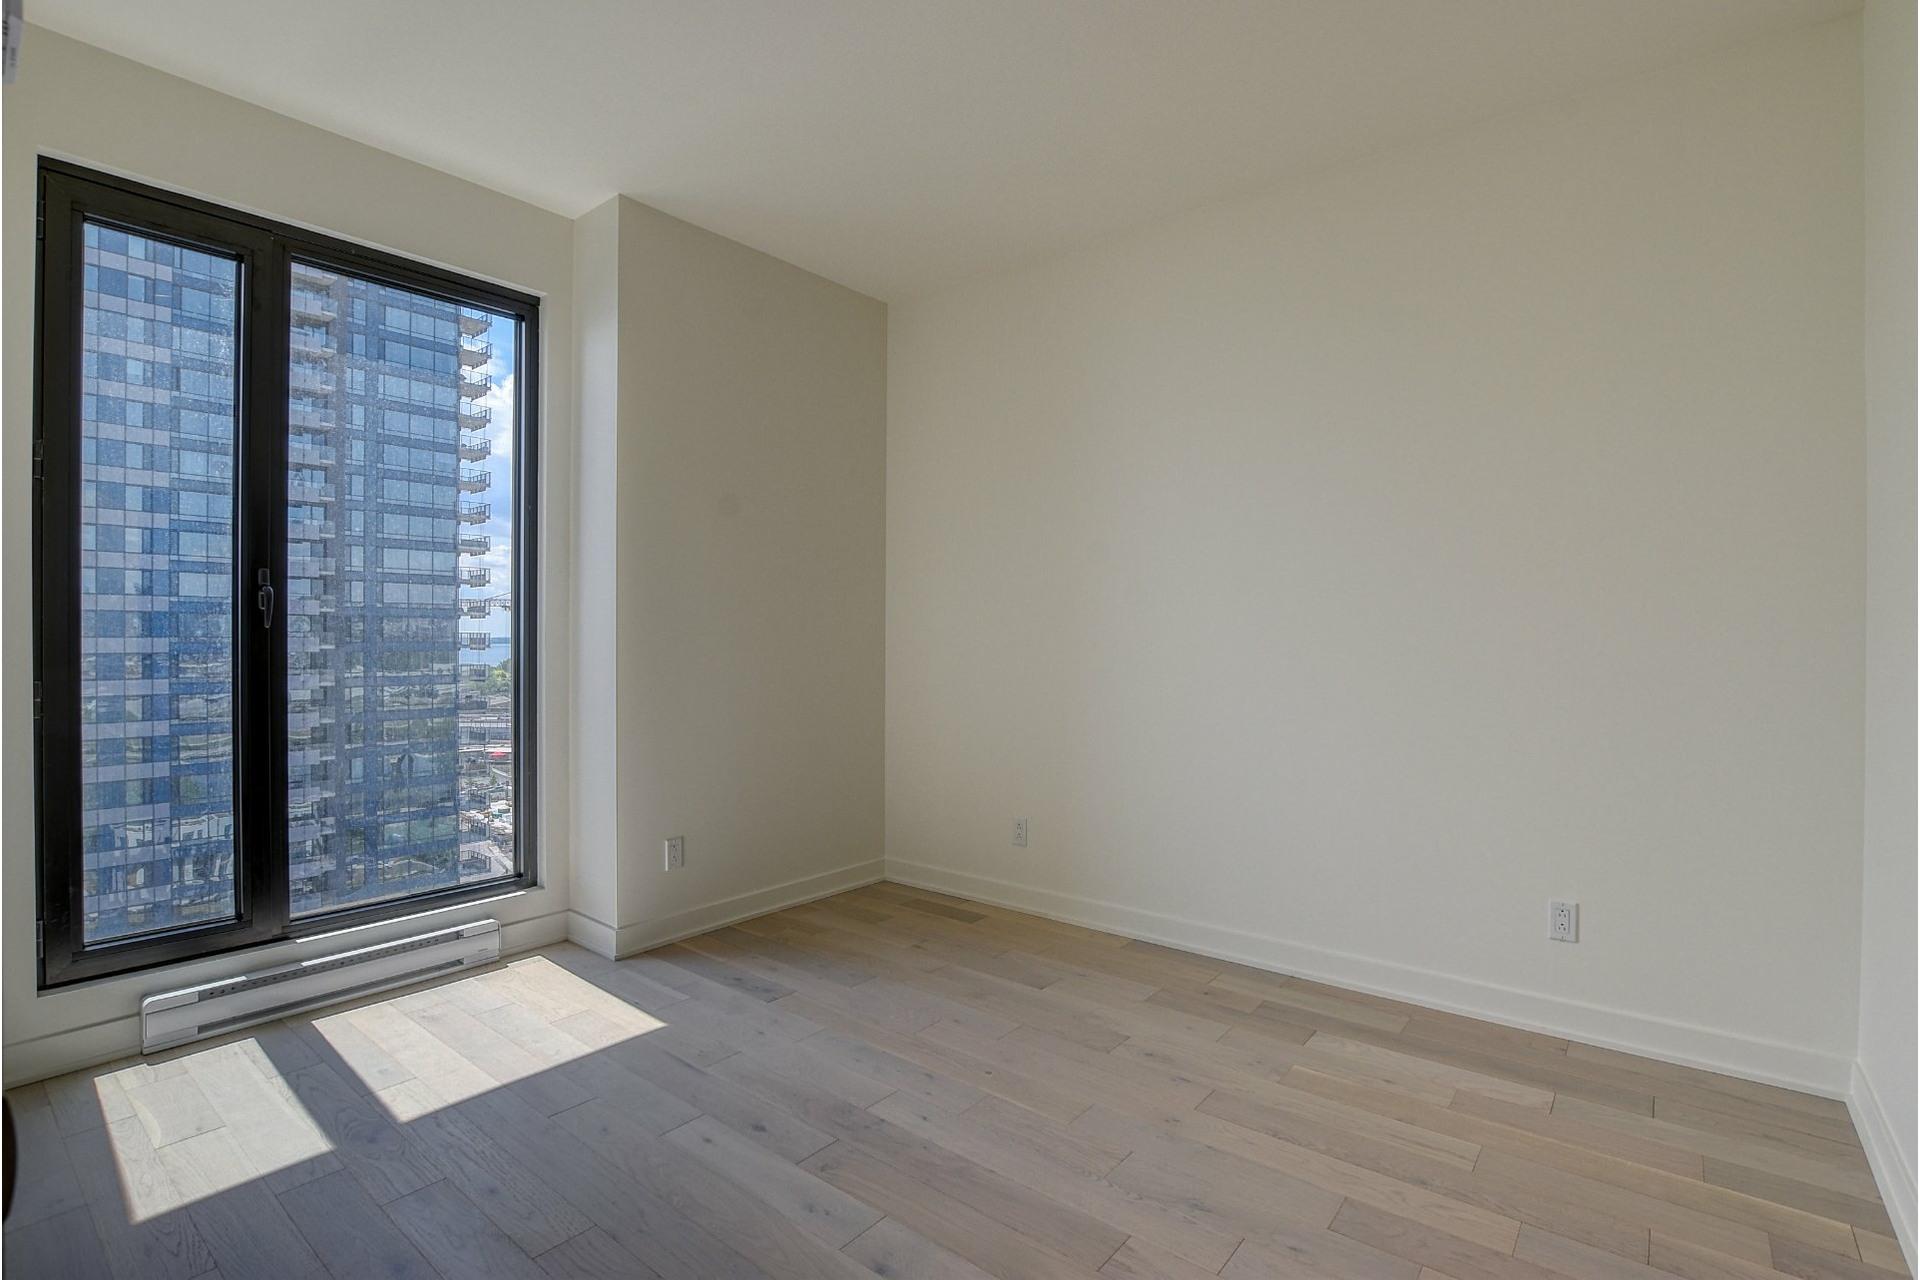 image 8 - Apartment For rent Verdun/Île-des-Soeurs Montréal  - 4 rooms